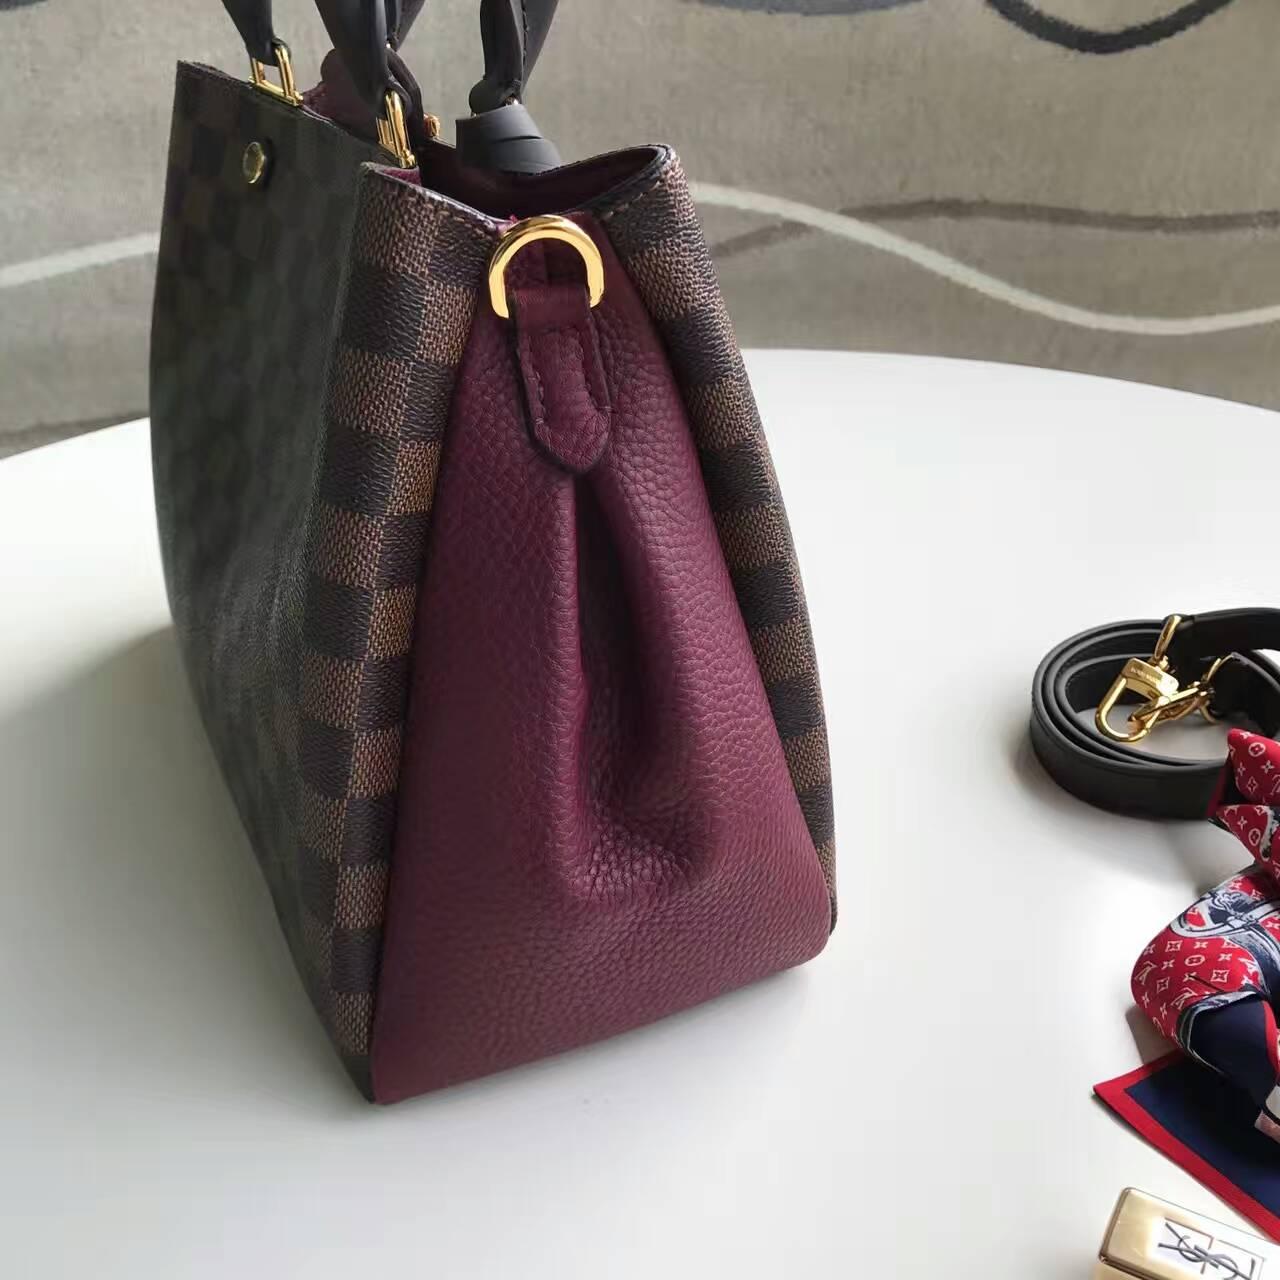 48ec44c9d33d Premium Handbag Wholesaler  Louis Vuitton Brittany N41675